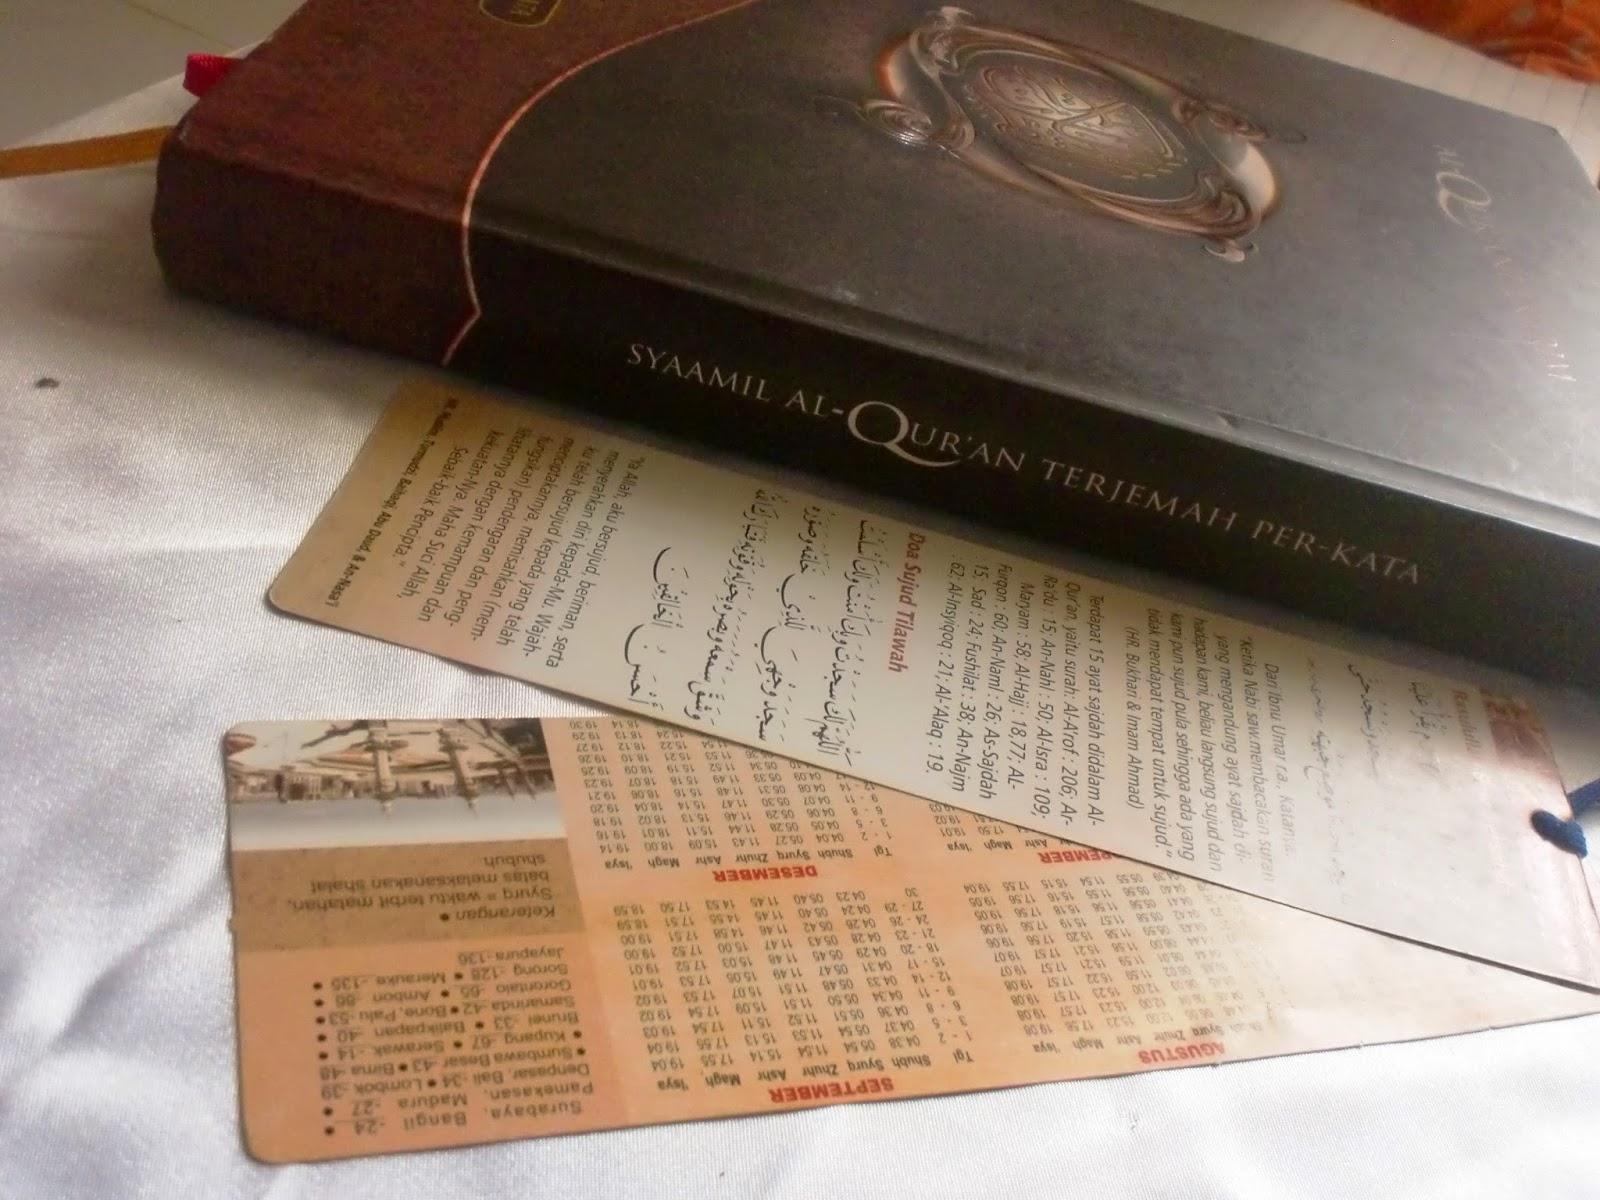 Ingat Al-Quran, Ingat Syaamil Quran